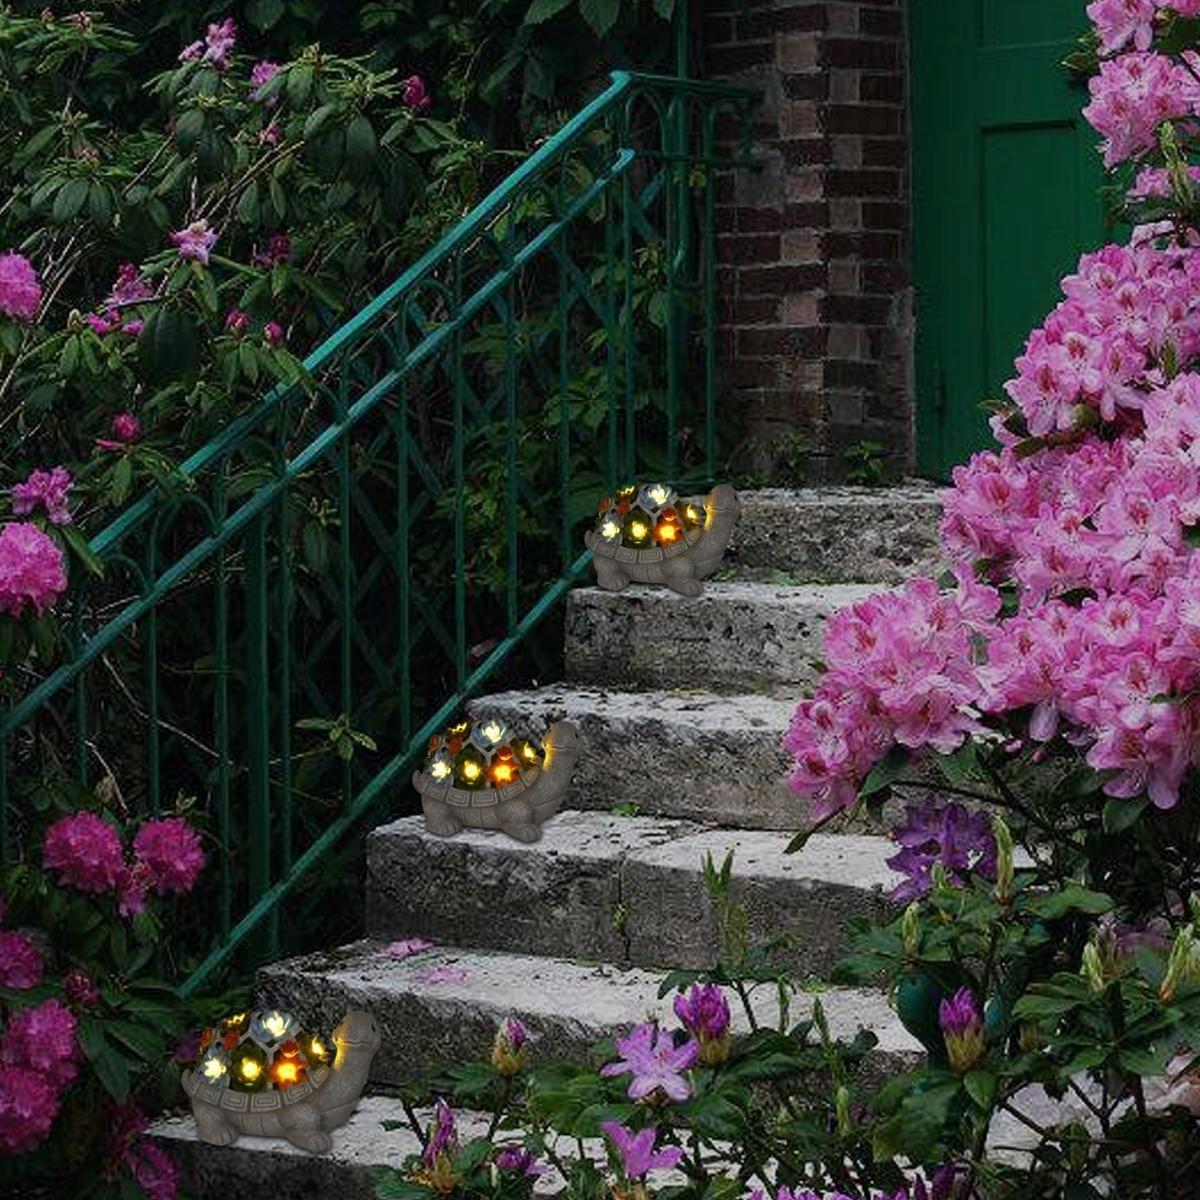 愛嬌ある表情●亀 オブジェ タートル かわいい ライト 屋外 庭 ガーデンライト 庭園 サボテン 多肉植物 飾り 置物 電気 照明 アート bb61_画像5